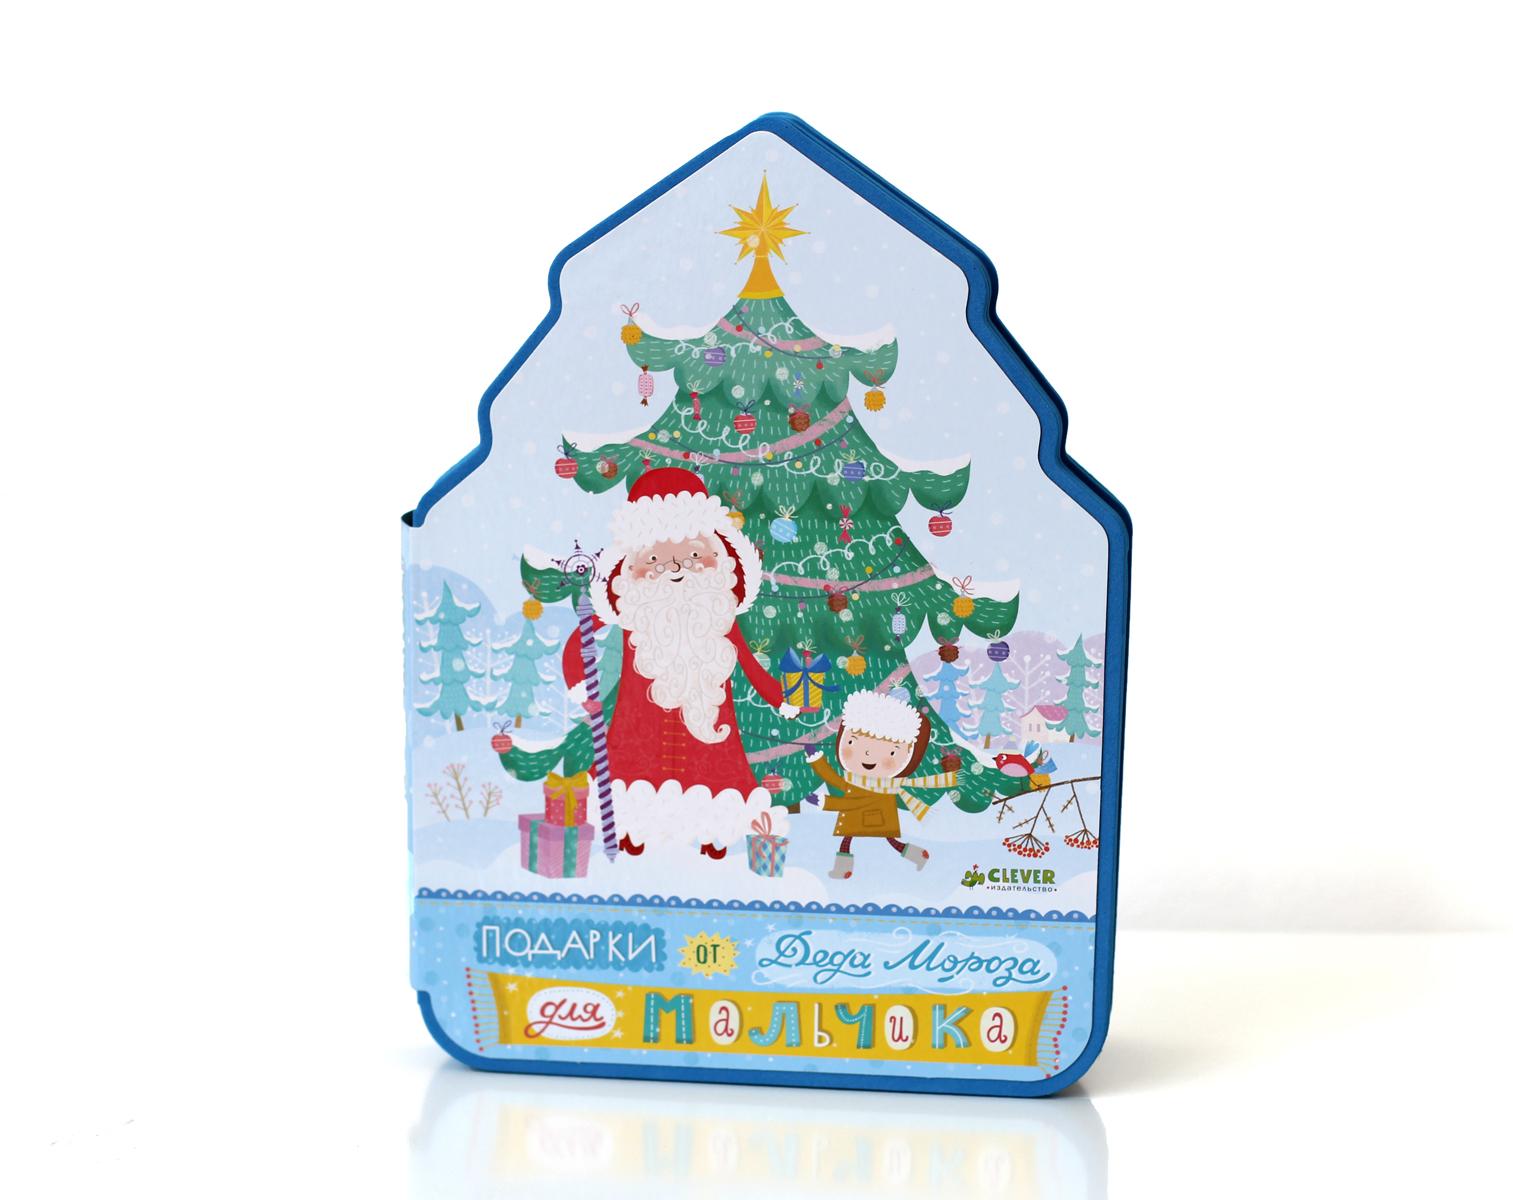 Купить Подарки от Деда Мороза для мальчика, 978-5-91982-763-4